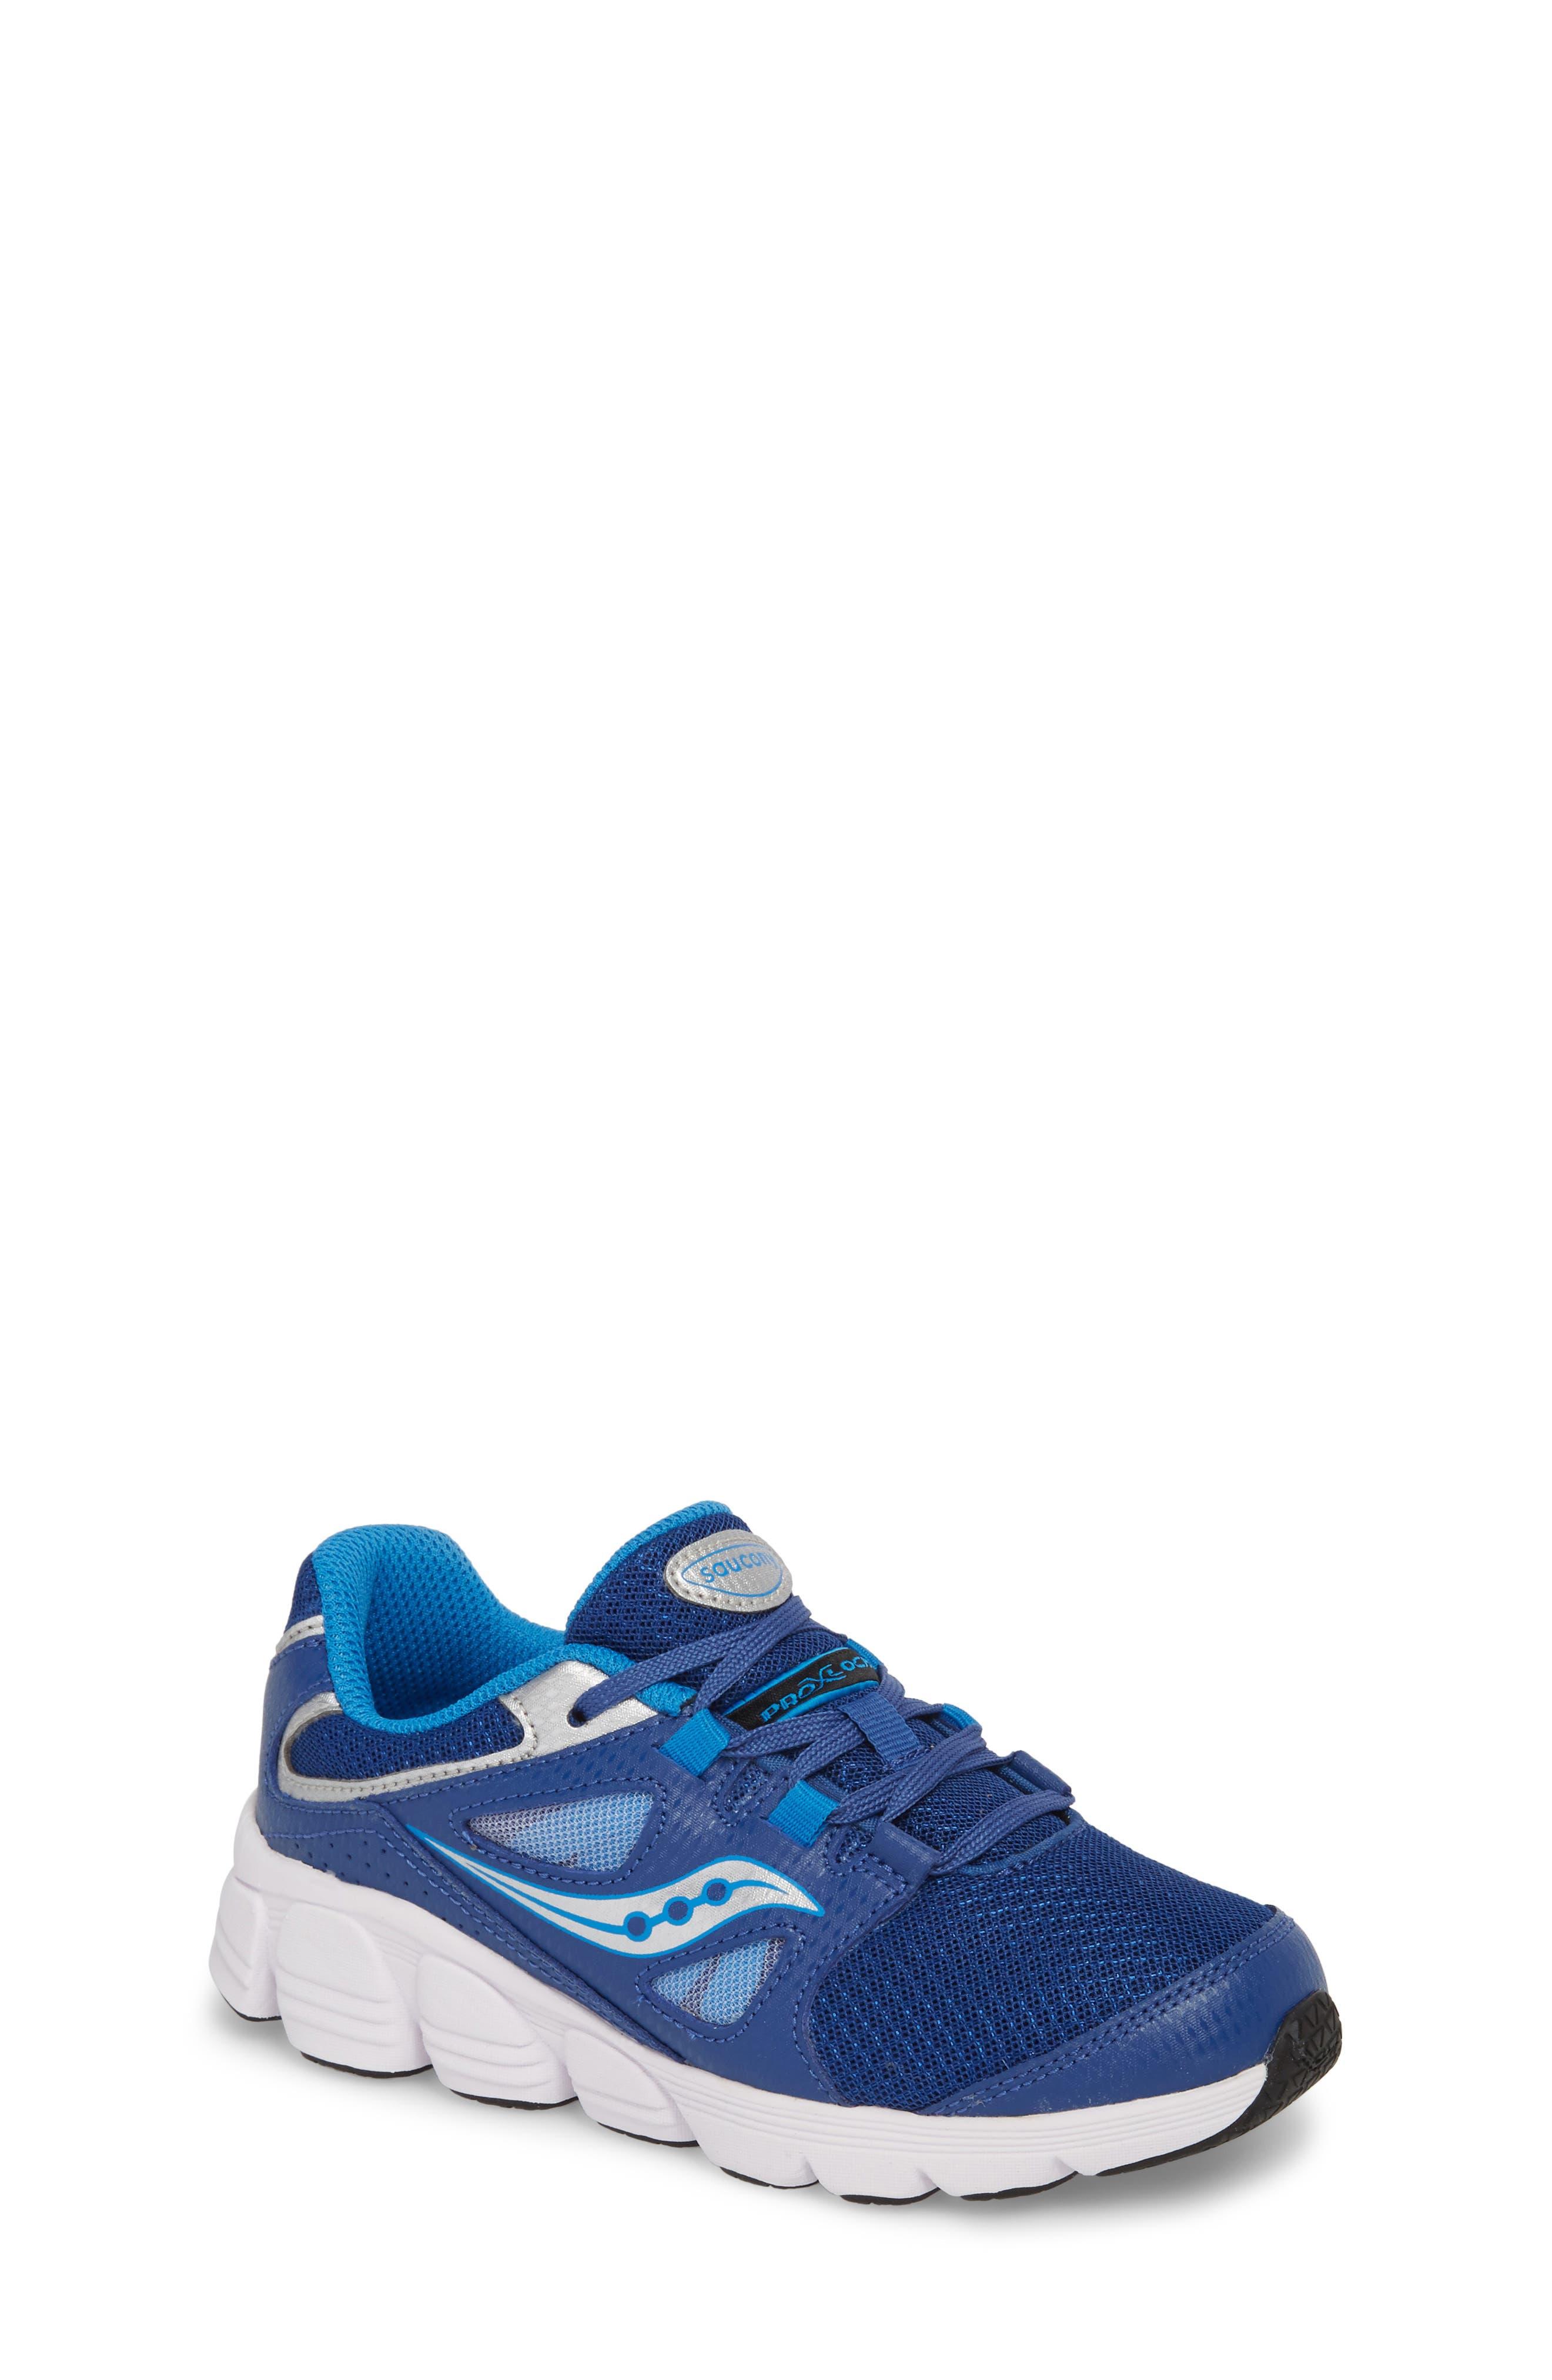 Kotaro 4 Sneaker,                         Main,                         color, 400